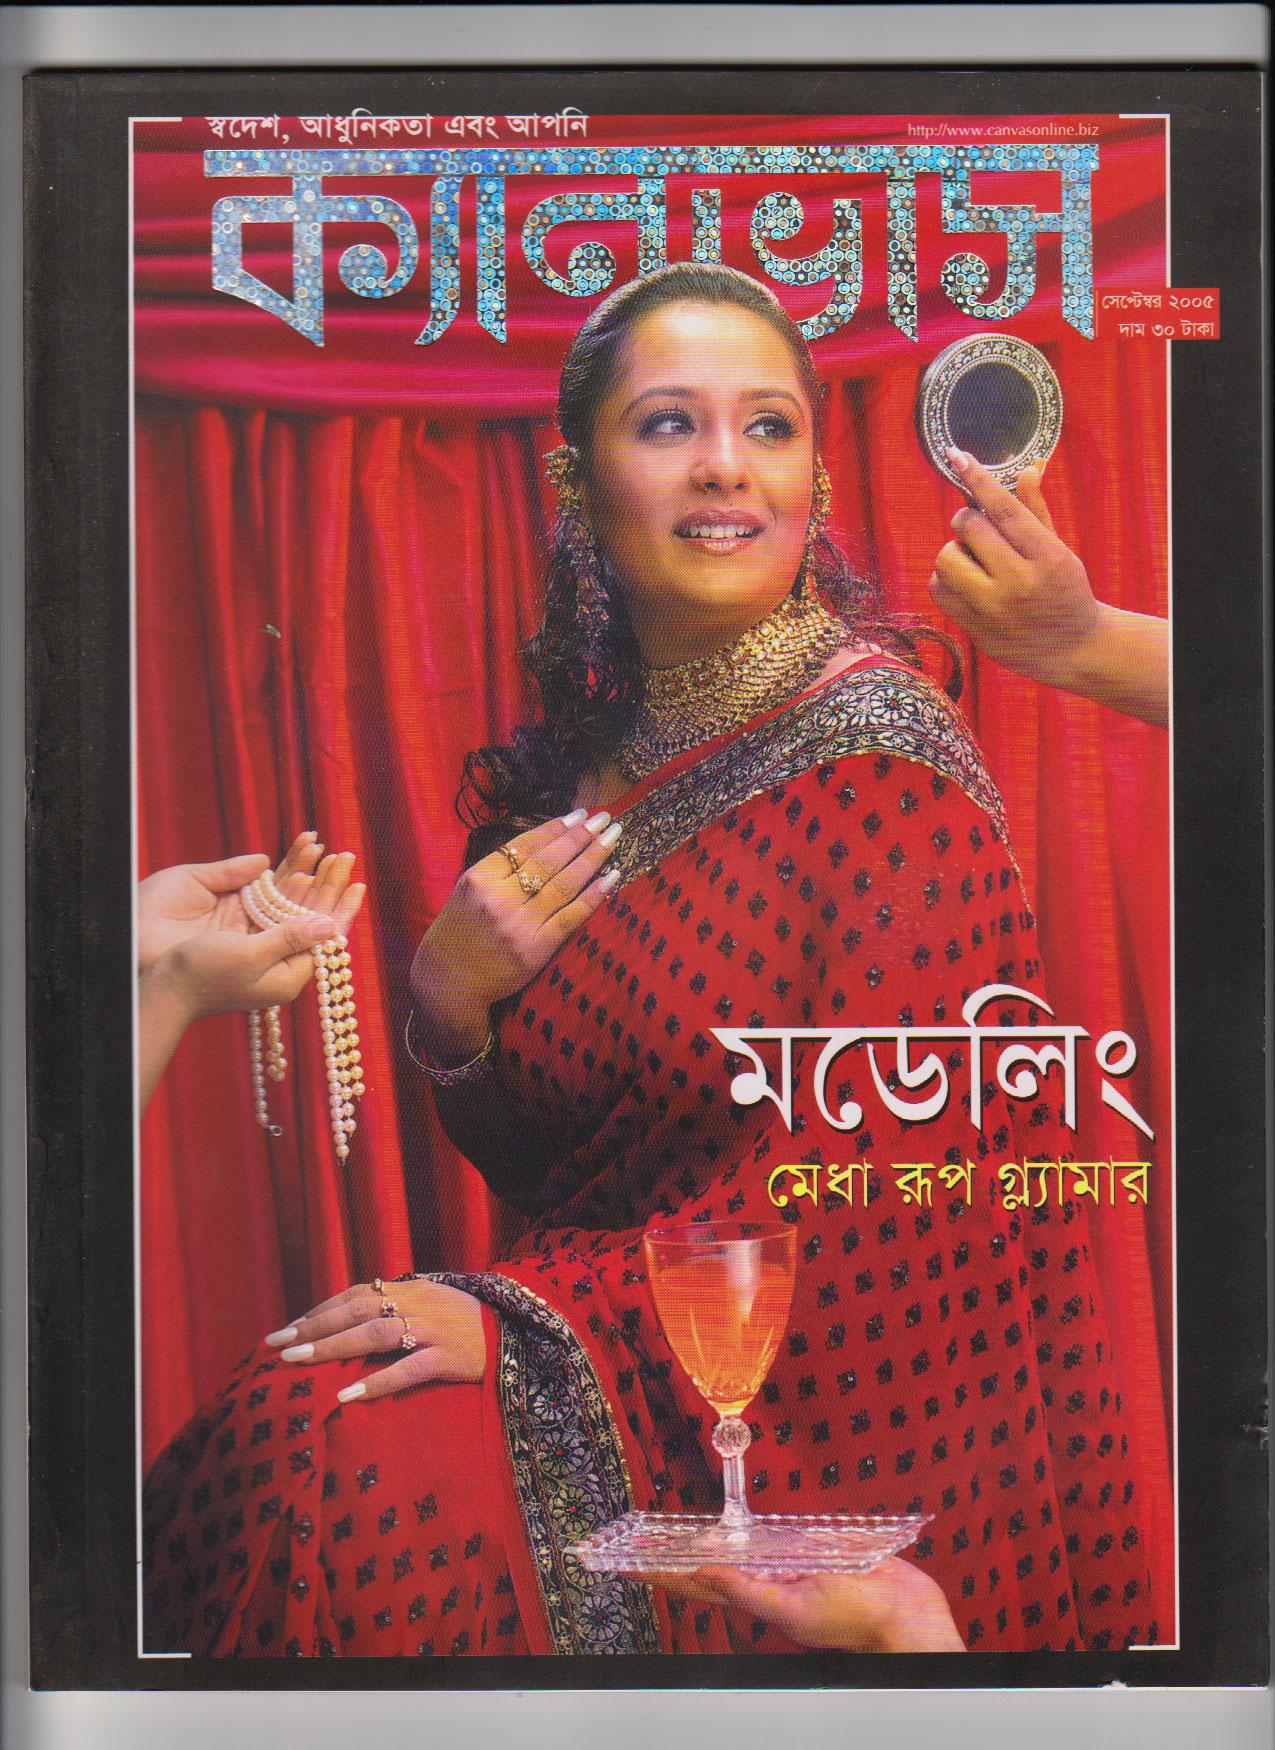 Canvas Fashion & LifeStyle Magazine, Dhaka, Bangladesh Canvas September 2005.